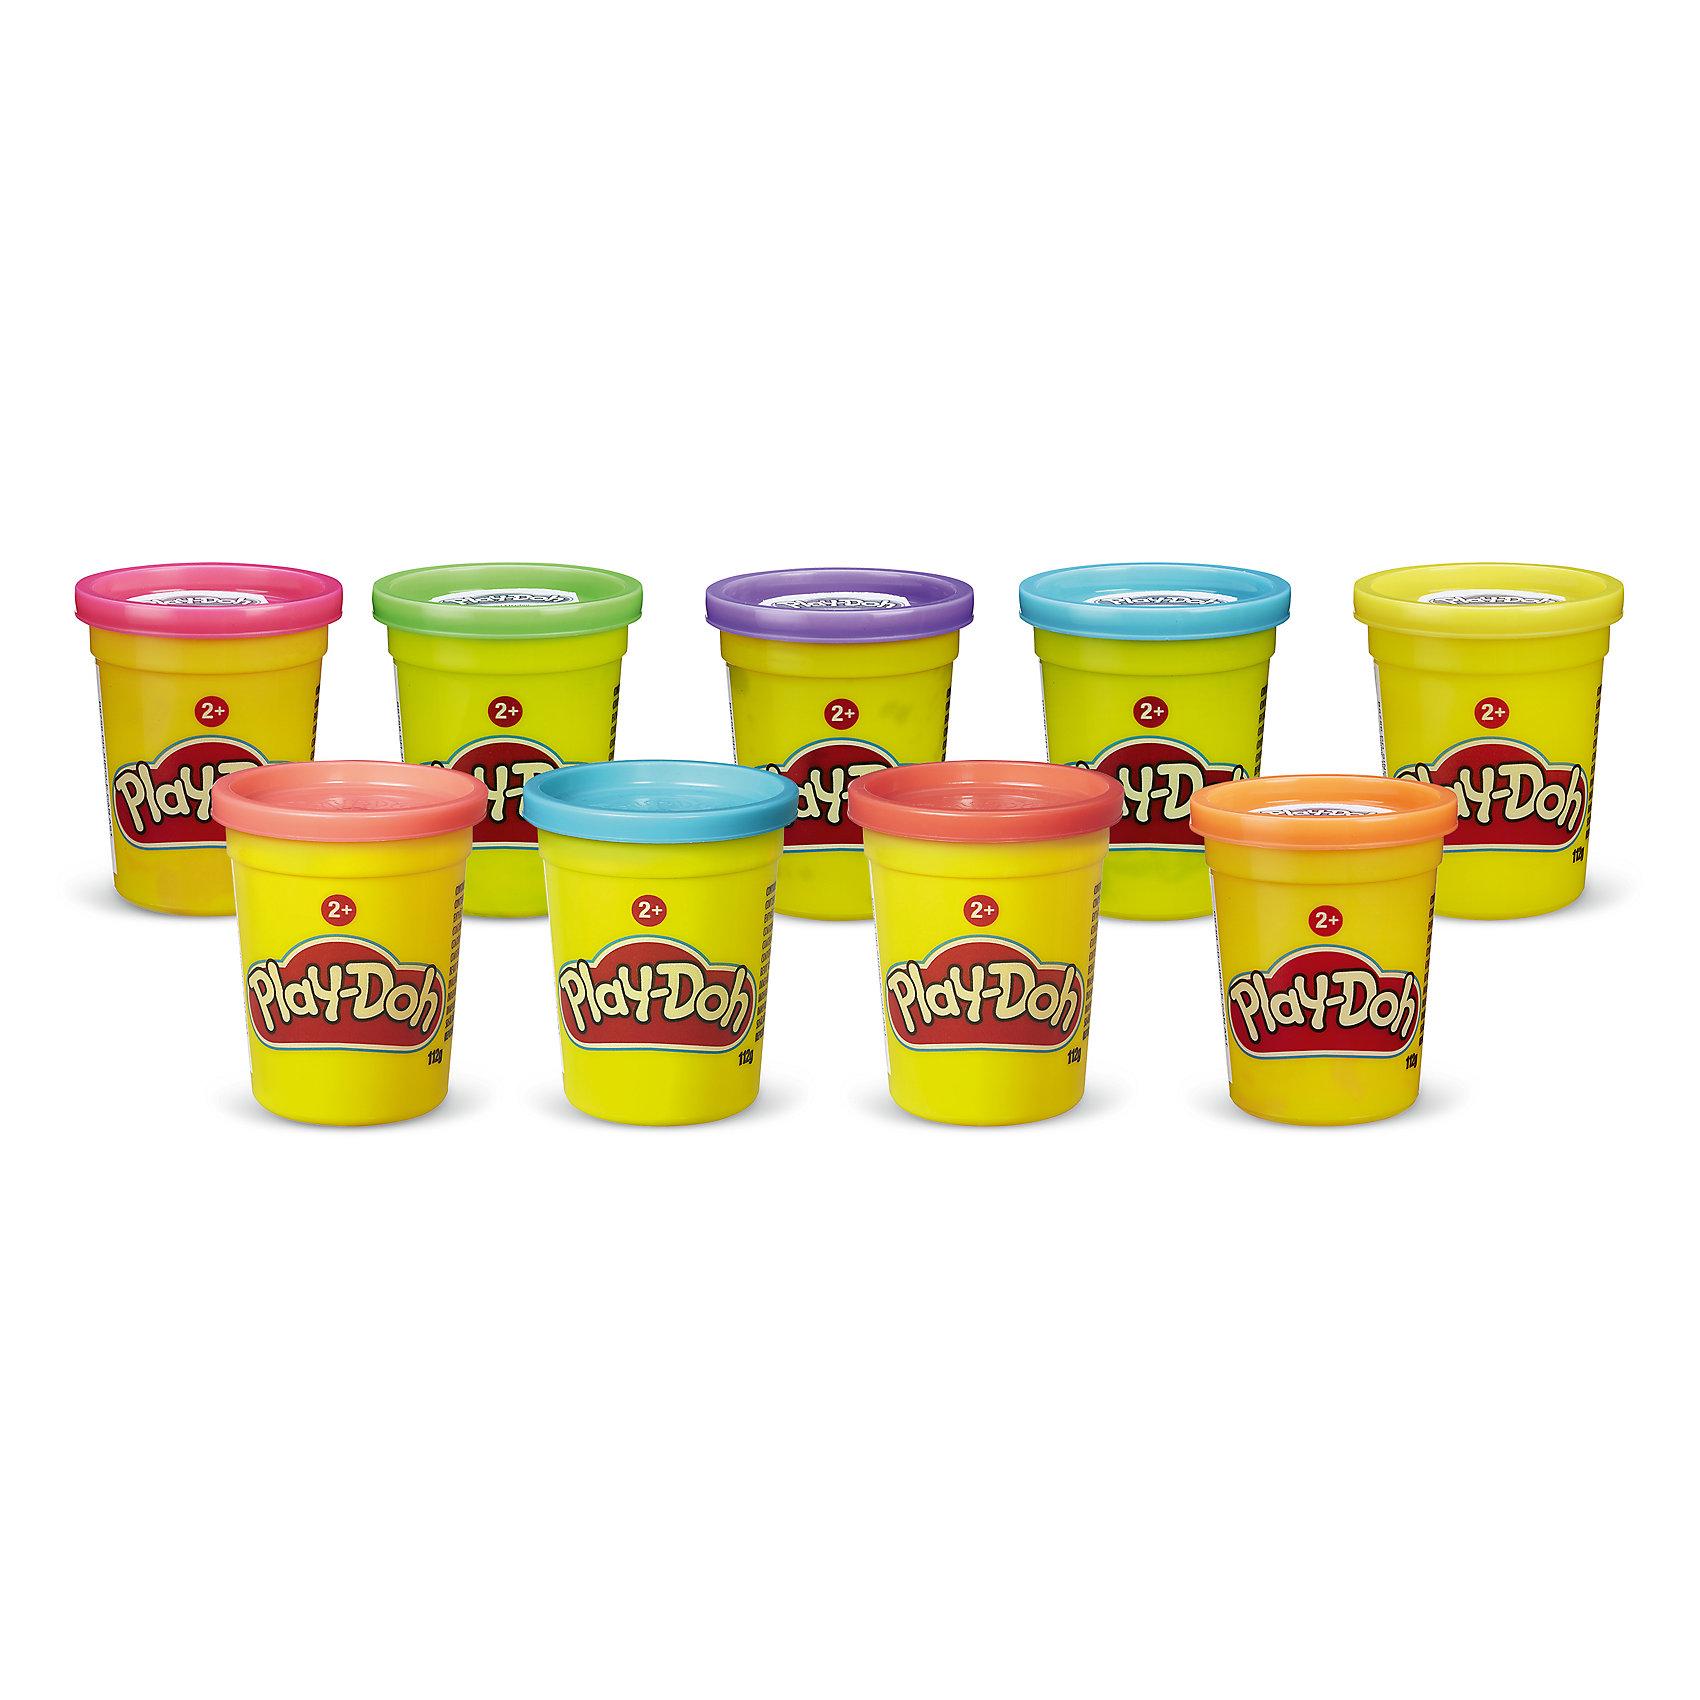 Play-Doh Пластилин 1 банкаДля развития творческих способностей вашего ребенка компания Хасбро  предлагает самый безопасный в мире пластилин серии Play-Doh.  <br>Основные его особенности: он не имеет запаха и вкуса, обладает яркими расцветками,  очень легко мнётся и быстро застывает.  Этот пластилин делается на основе натуральных съедобных продуктов, поэтому даже если ребенок проглотит его, ничего страшного не случится.  Подходит для всех наборов Play-Doh. Лепите, фантазируйте, играйте!<br><br>Дополнительная информация:  <br>- Вес одной банки – 142 г.  <br>- Размеры (д/ш/в): 3 х 3 х 3 см.<br>- цвета: оранжевый, голубой, желтый, фисташковый, светло-золотистый, коричневый, золотистый, зеленый, синий, черный, фиолетовый.  <br><br>Внимание! Данный товар поставляется в ассортименте, к сожалению, выбрать цвет заранее не представляется возможным. При заказе 2-х возможно получение одинаковых. <br><br>Пластилин Плей-До можно купить в нашем магазине<br><br>Ширина мм: 58<br>Глубина мм: 60<br>Высота мм: 77<br>Вес г: 128<br>Возраст от месяцев: 36<br>Возраст до месяцев: 72<br>Пол: Унисекс<br>Возраст: Детский<br>SKU: 1842400